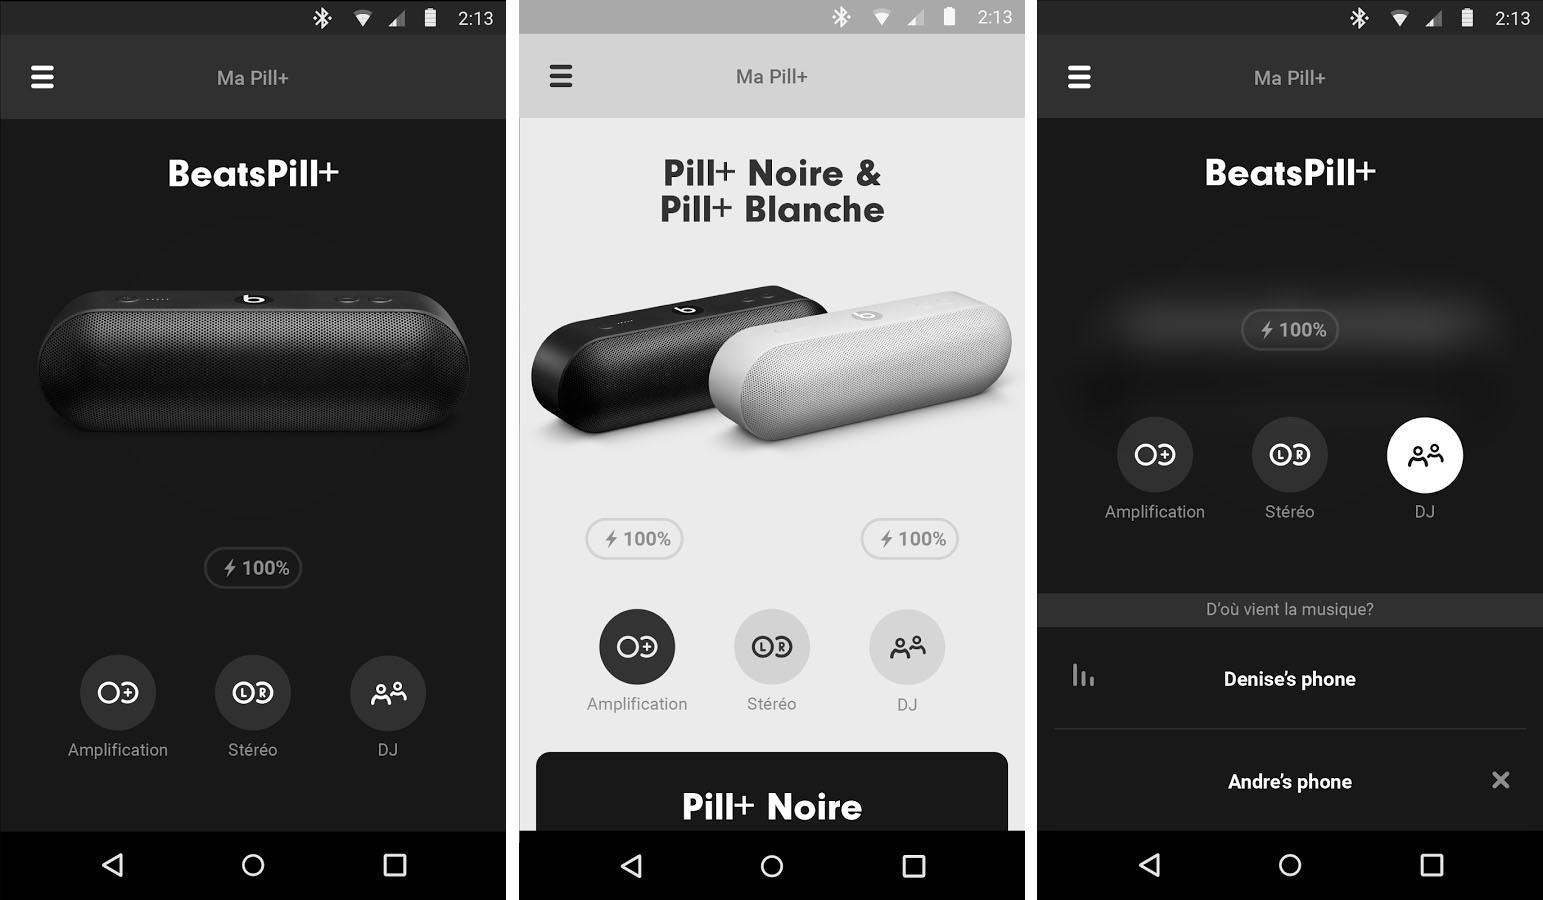 La seconde application Android d'Apple concerne la Beats Pill+